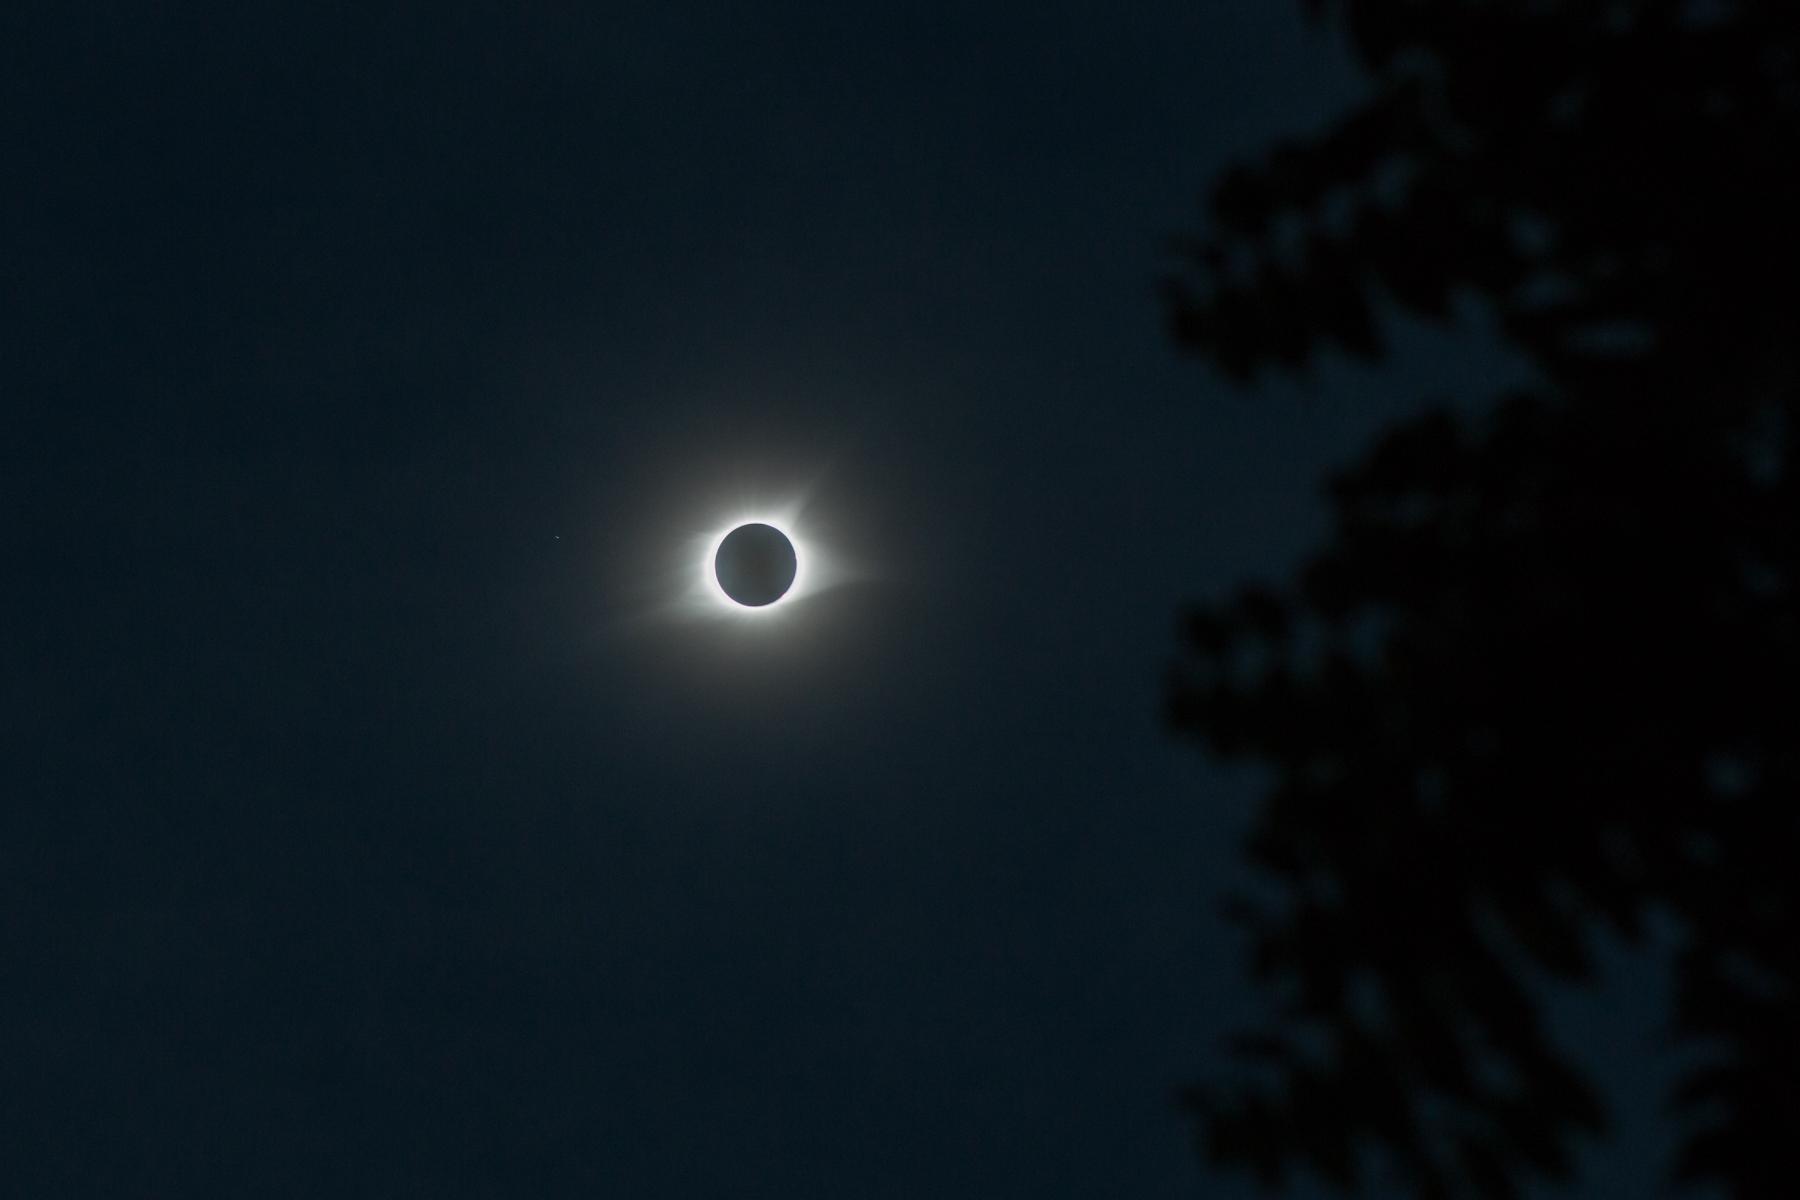 solareclipse_lo_res-32.jpg